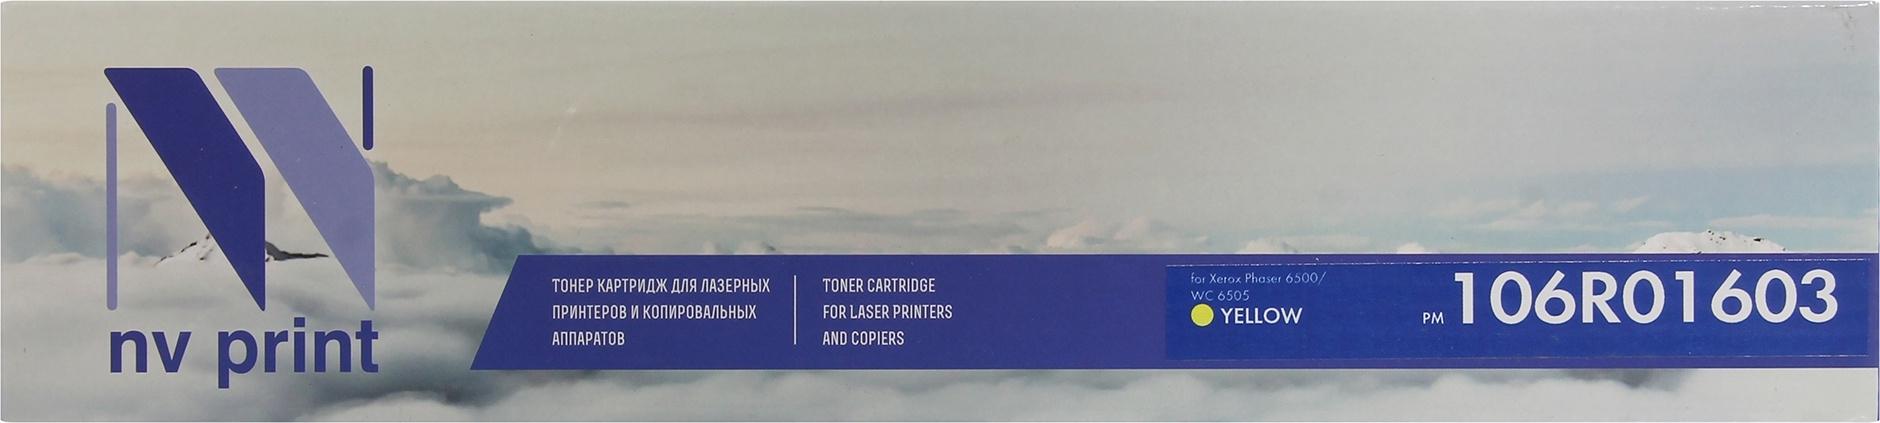 Картридж NV-Print 106R01603 для Phaser WorkCentre 6505 желтый